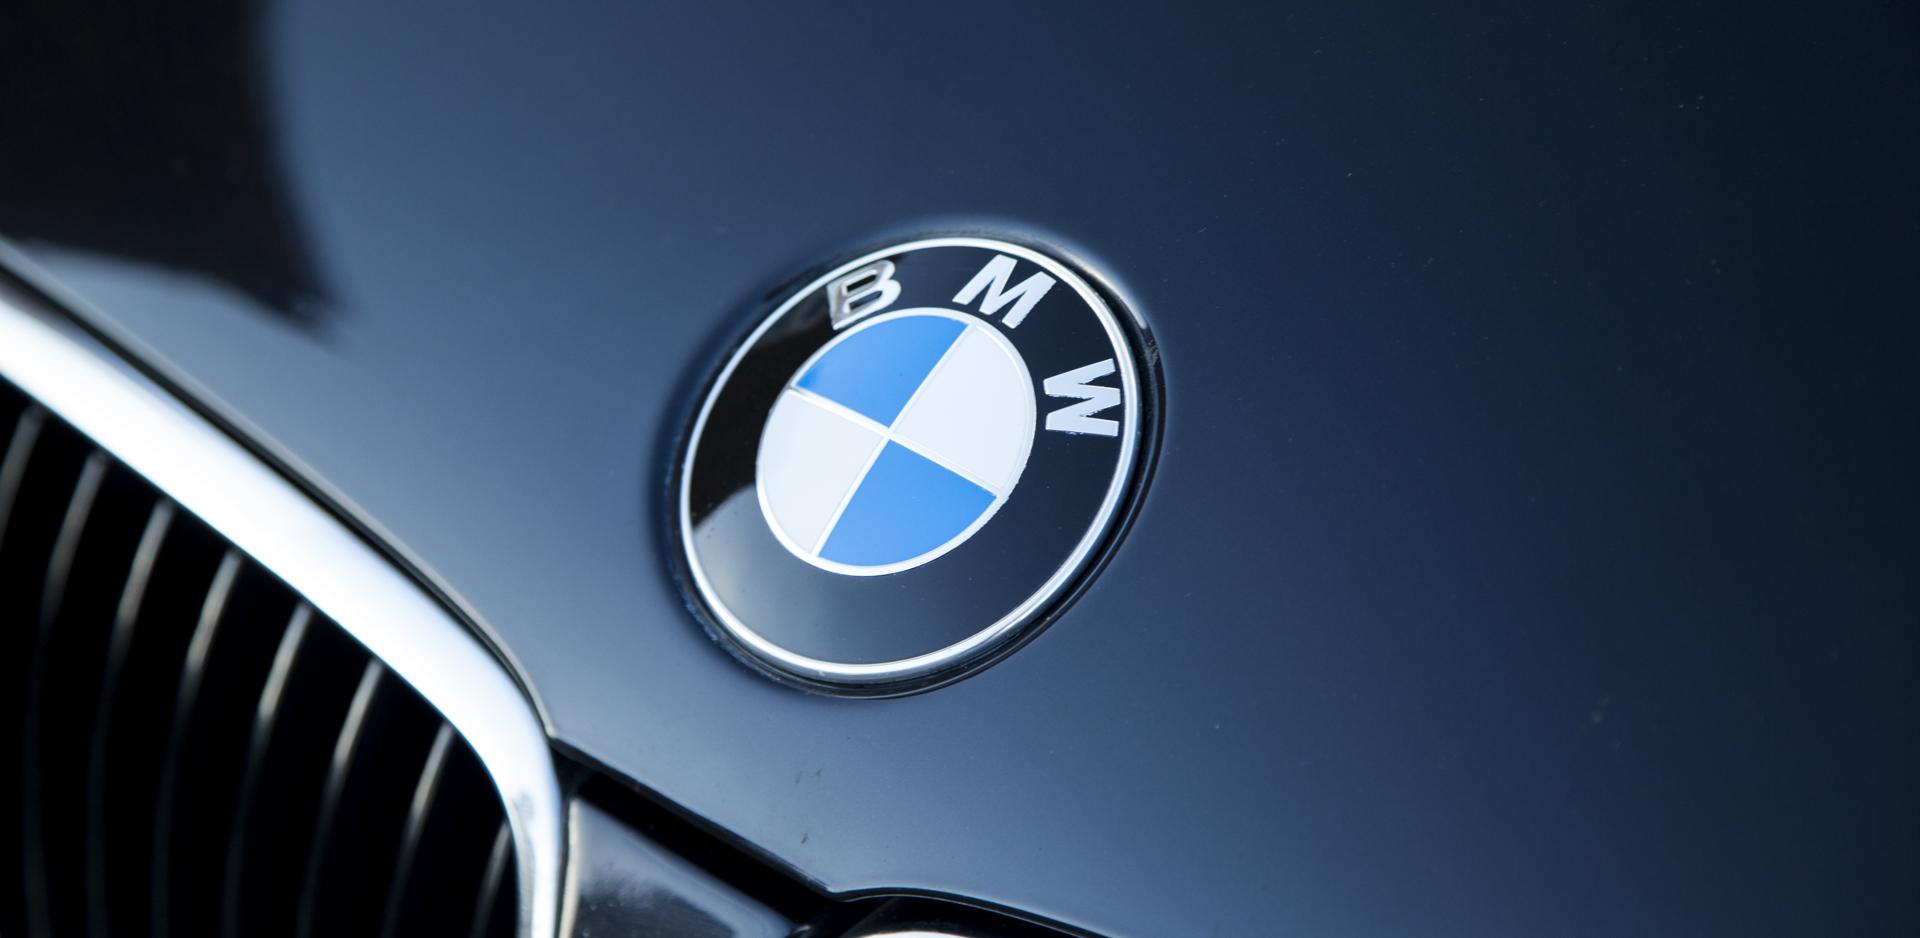 Crago's BMW roundel